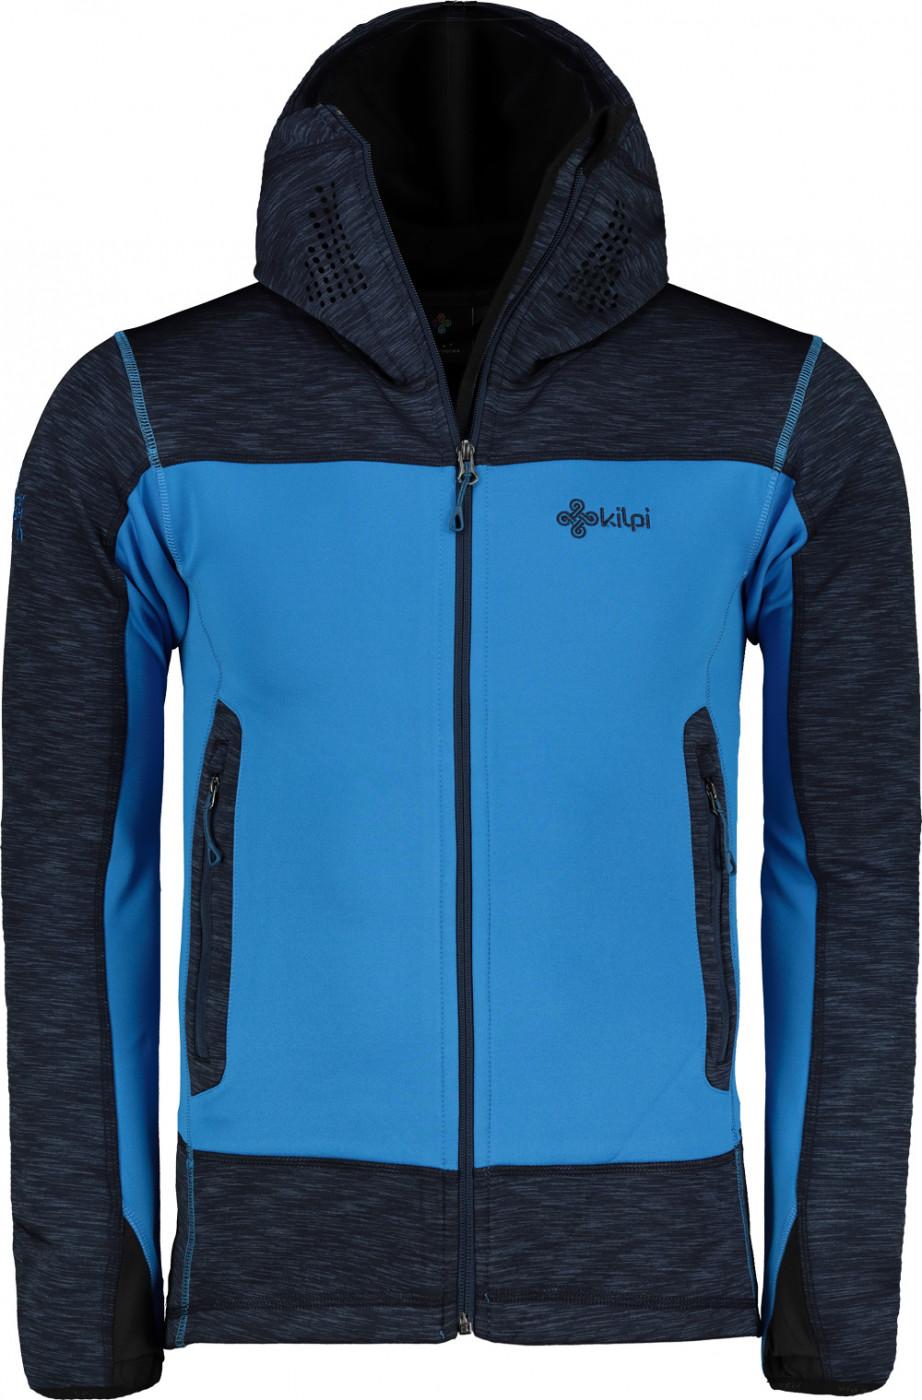 Men's fleece sweatshirt Kilpi ASSASIN-M